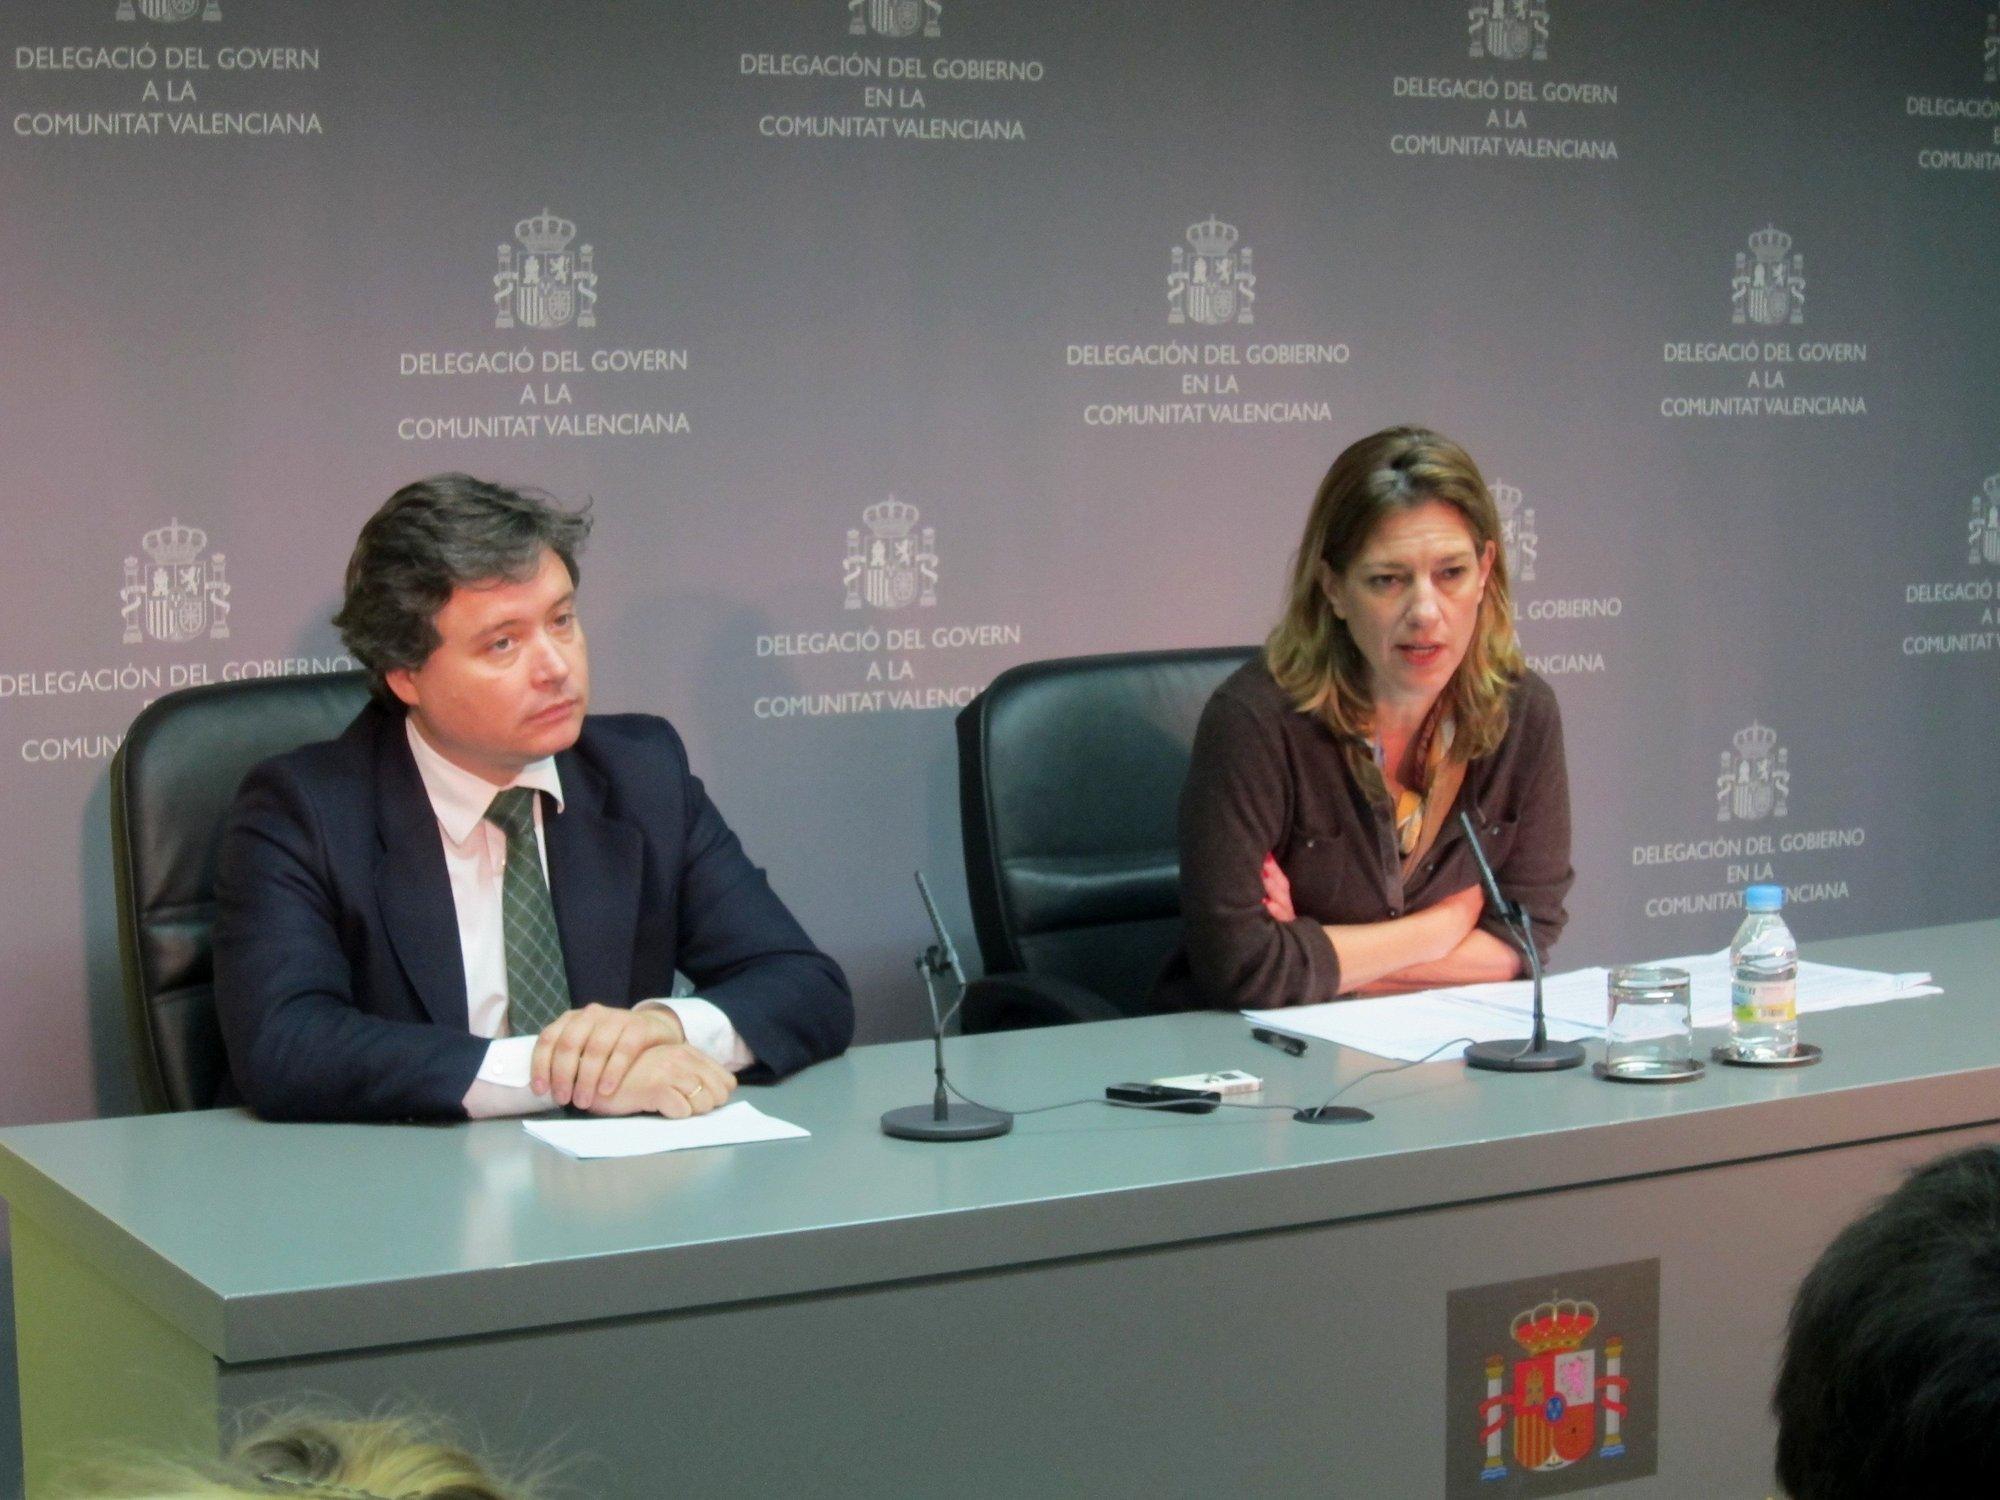 Delegación de Gobierno en Valencia mantendrá en el cargo a Isabel Villalonga porque cree en su «honestidad»